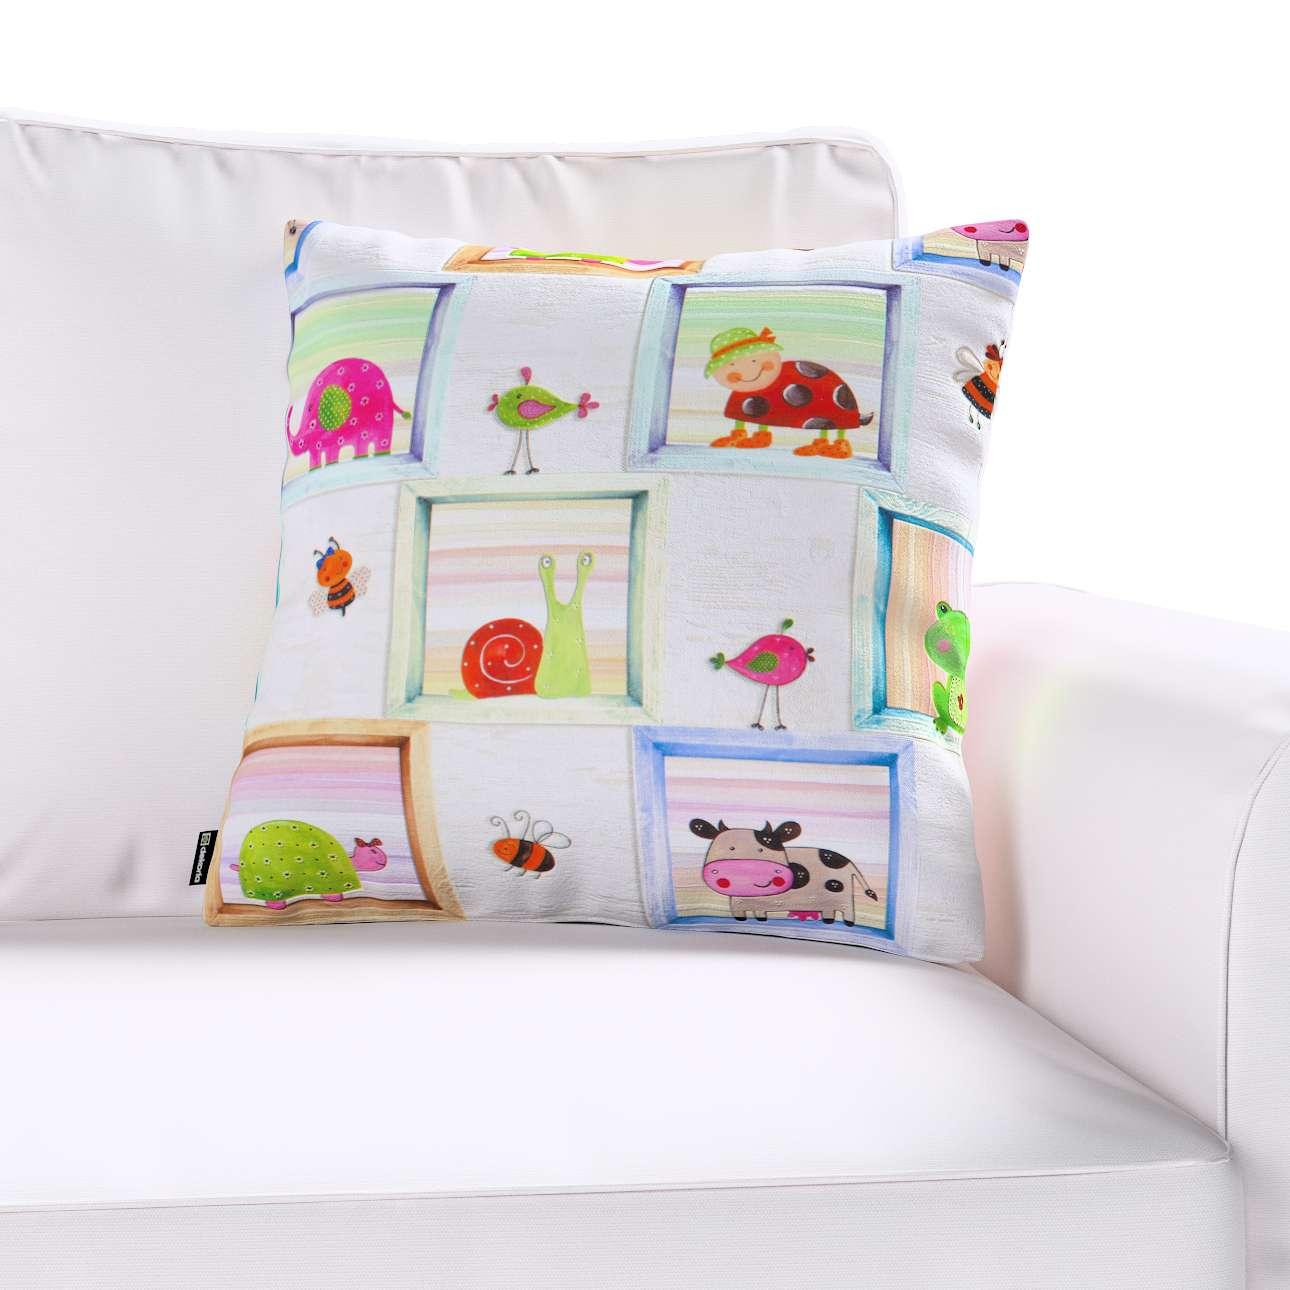 Kinga dekoratyvinės pagalvėlės užvalkalas 43 x 43 cm kolekcijoje Apanona, audinys: 151-04